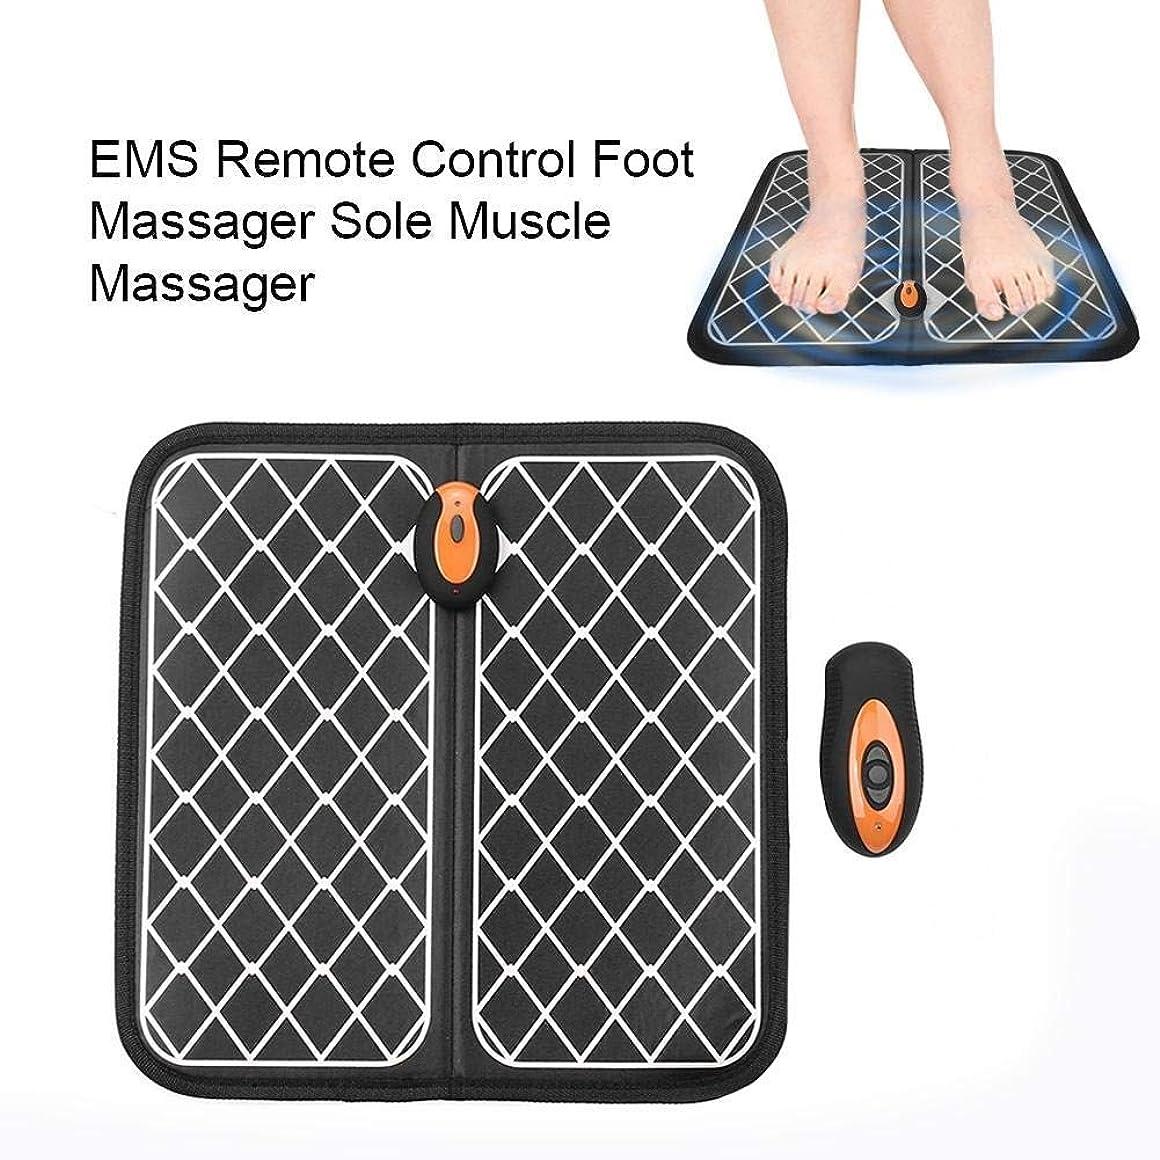 ブラウザ抗生物質塩EMSリモートコントロールフットマッサージャーマットフットトリートメント、マッサージ用インテリジェント理学療法マッサージ器、痛みを緩和、疲労を軽減